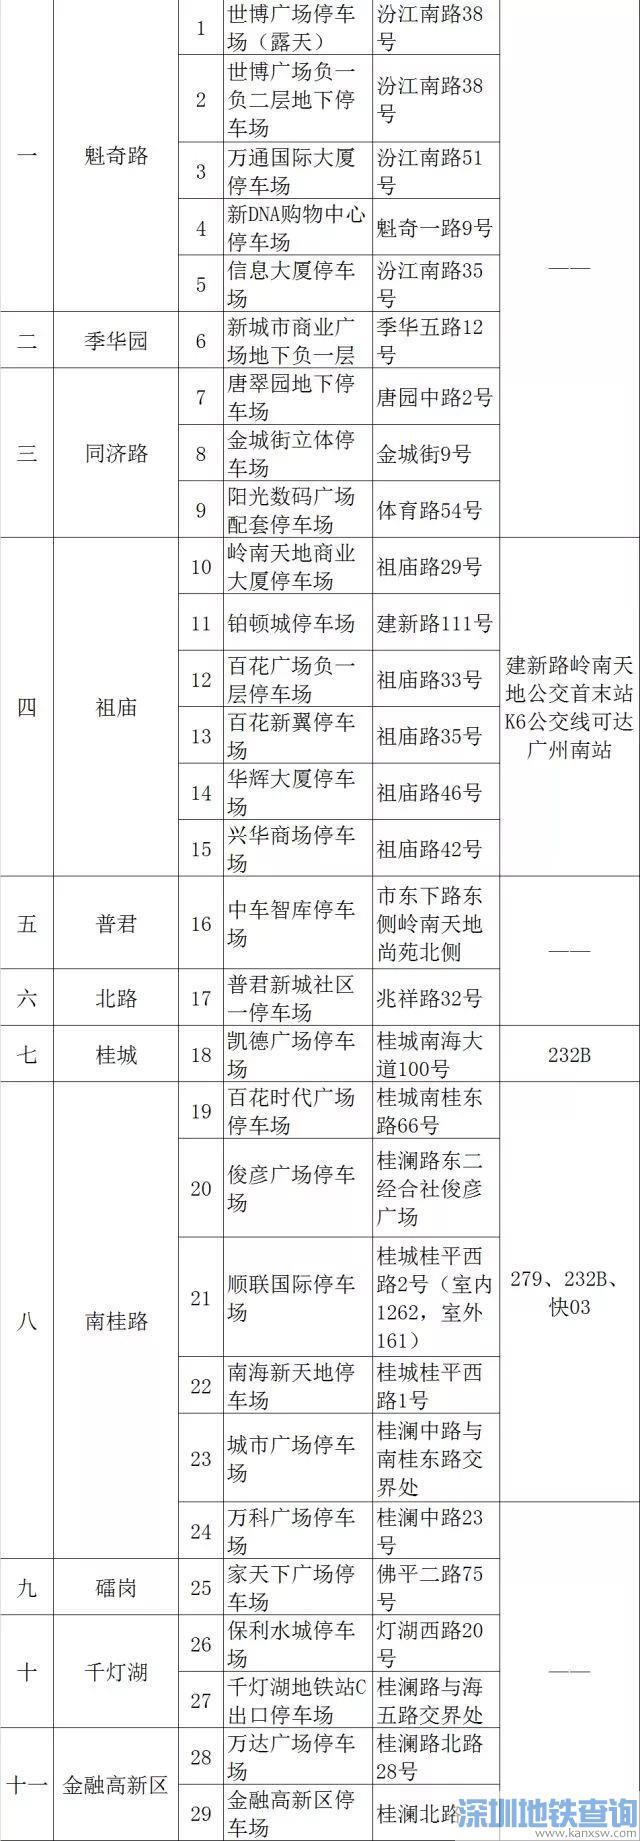 2020广州限行最新开车停车攻略(附92个便民停车点)